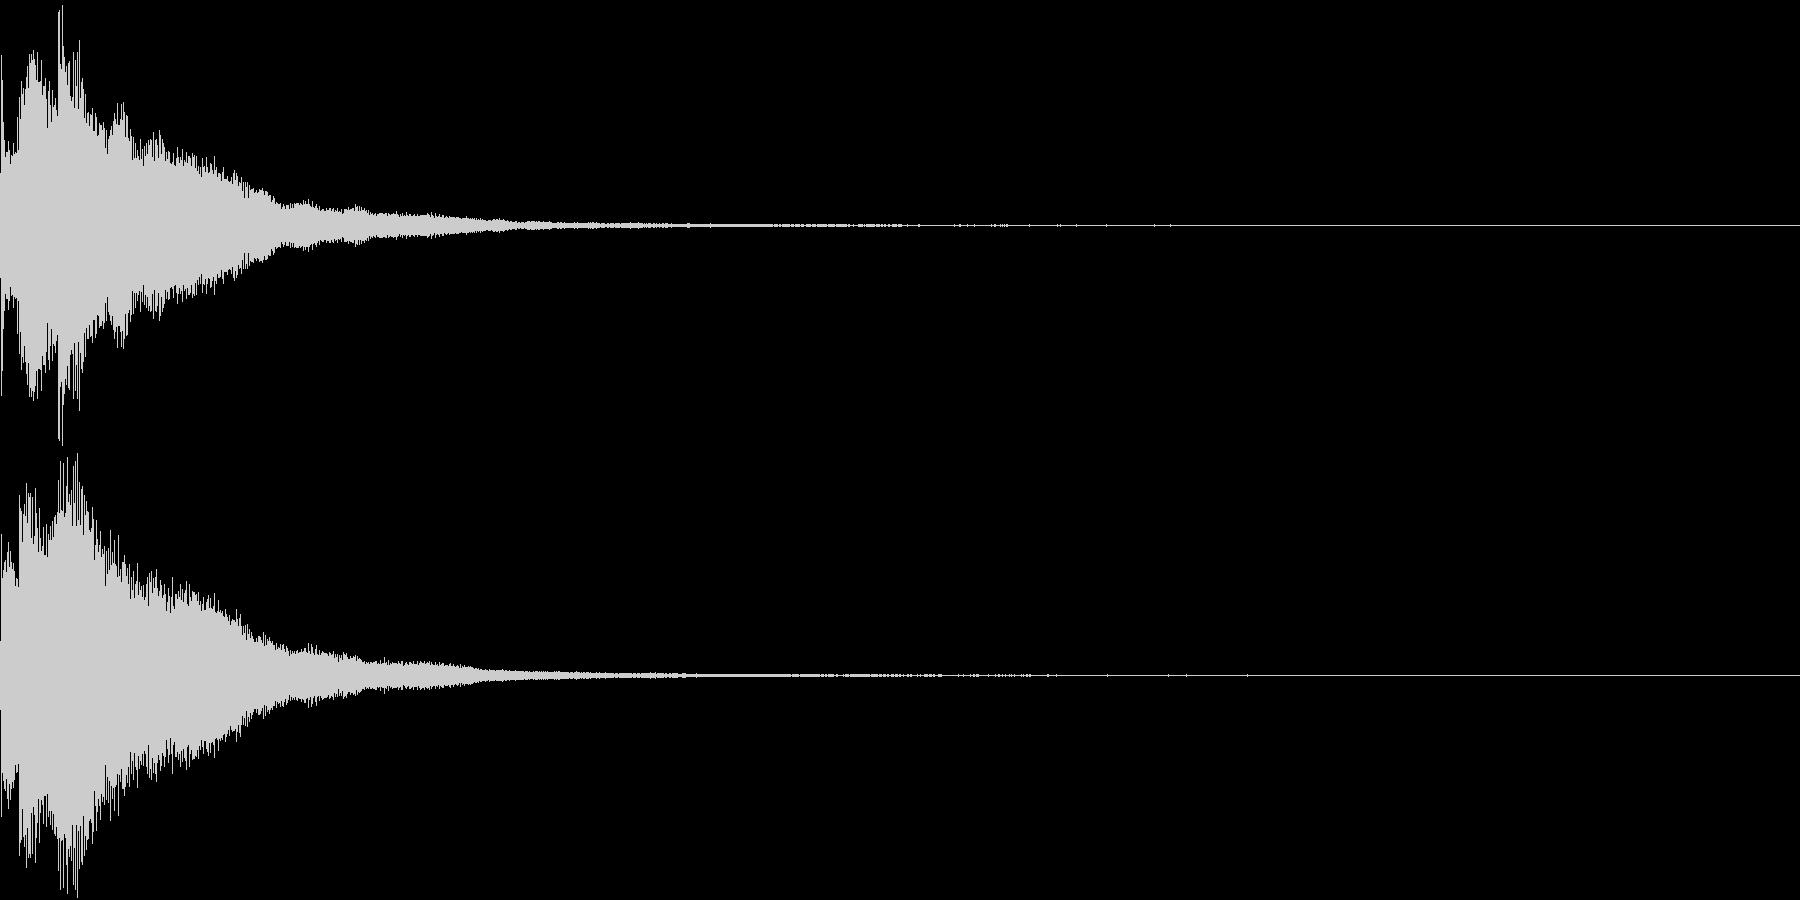 キラリン チャラリン クリック 37の未再生の波形